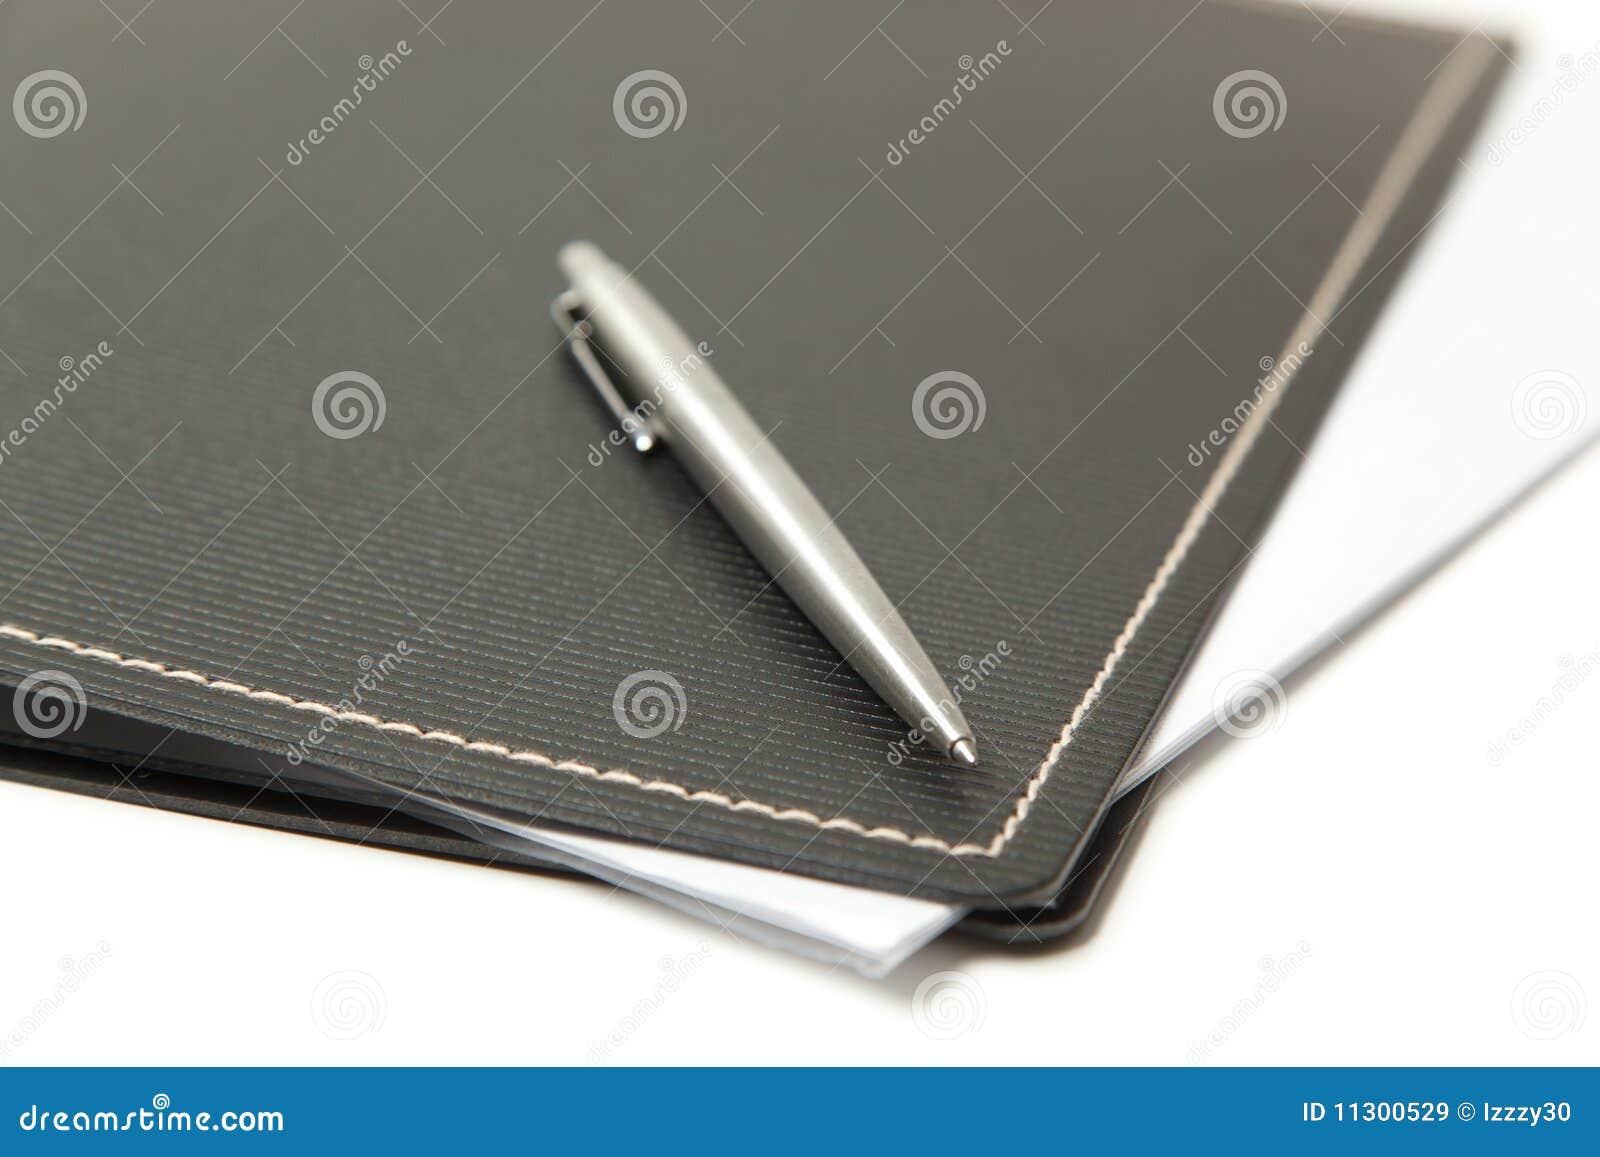 Alto vicino del dispositivo di piegatura e della penna